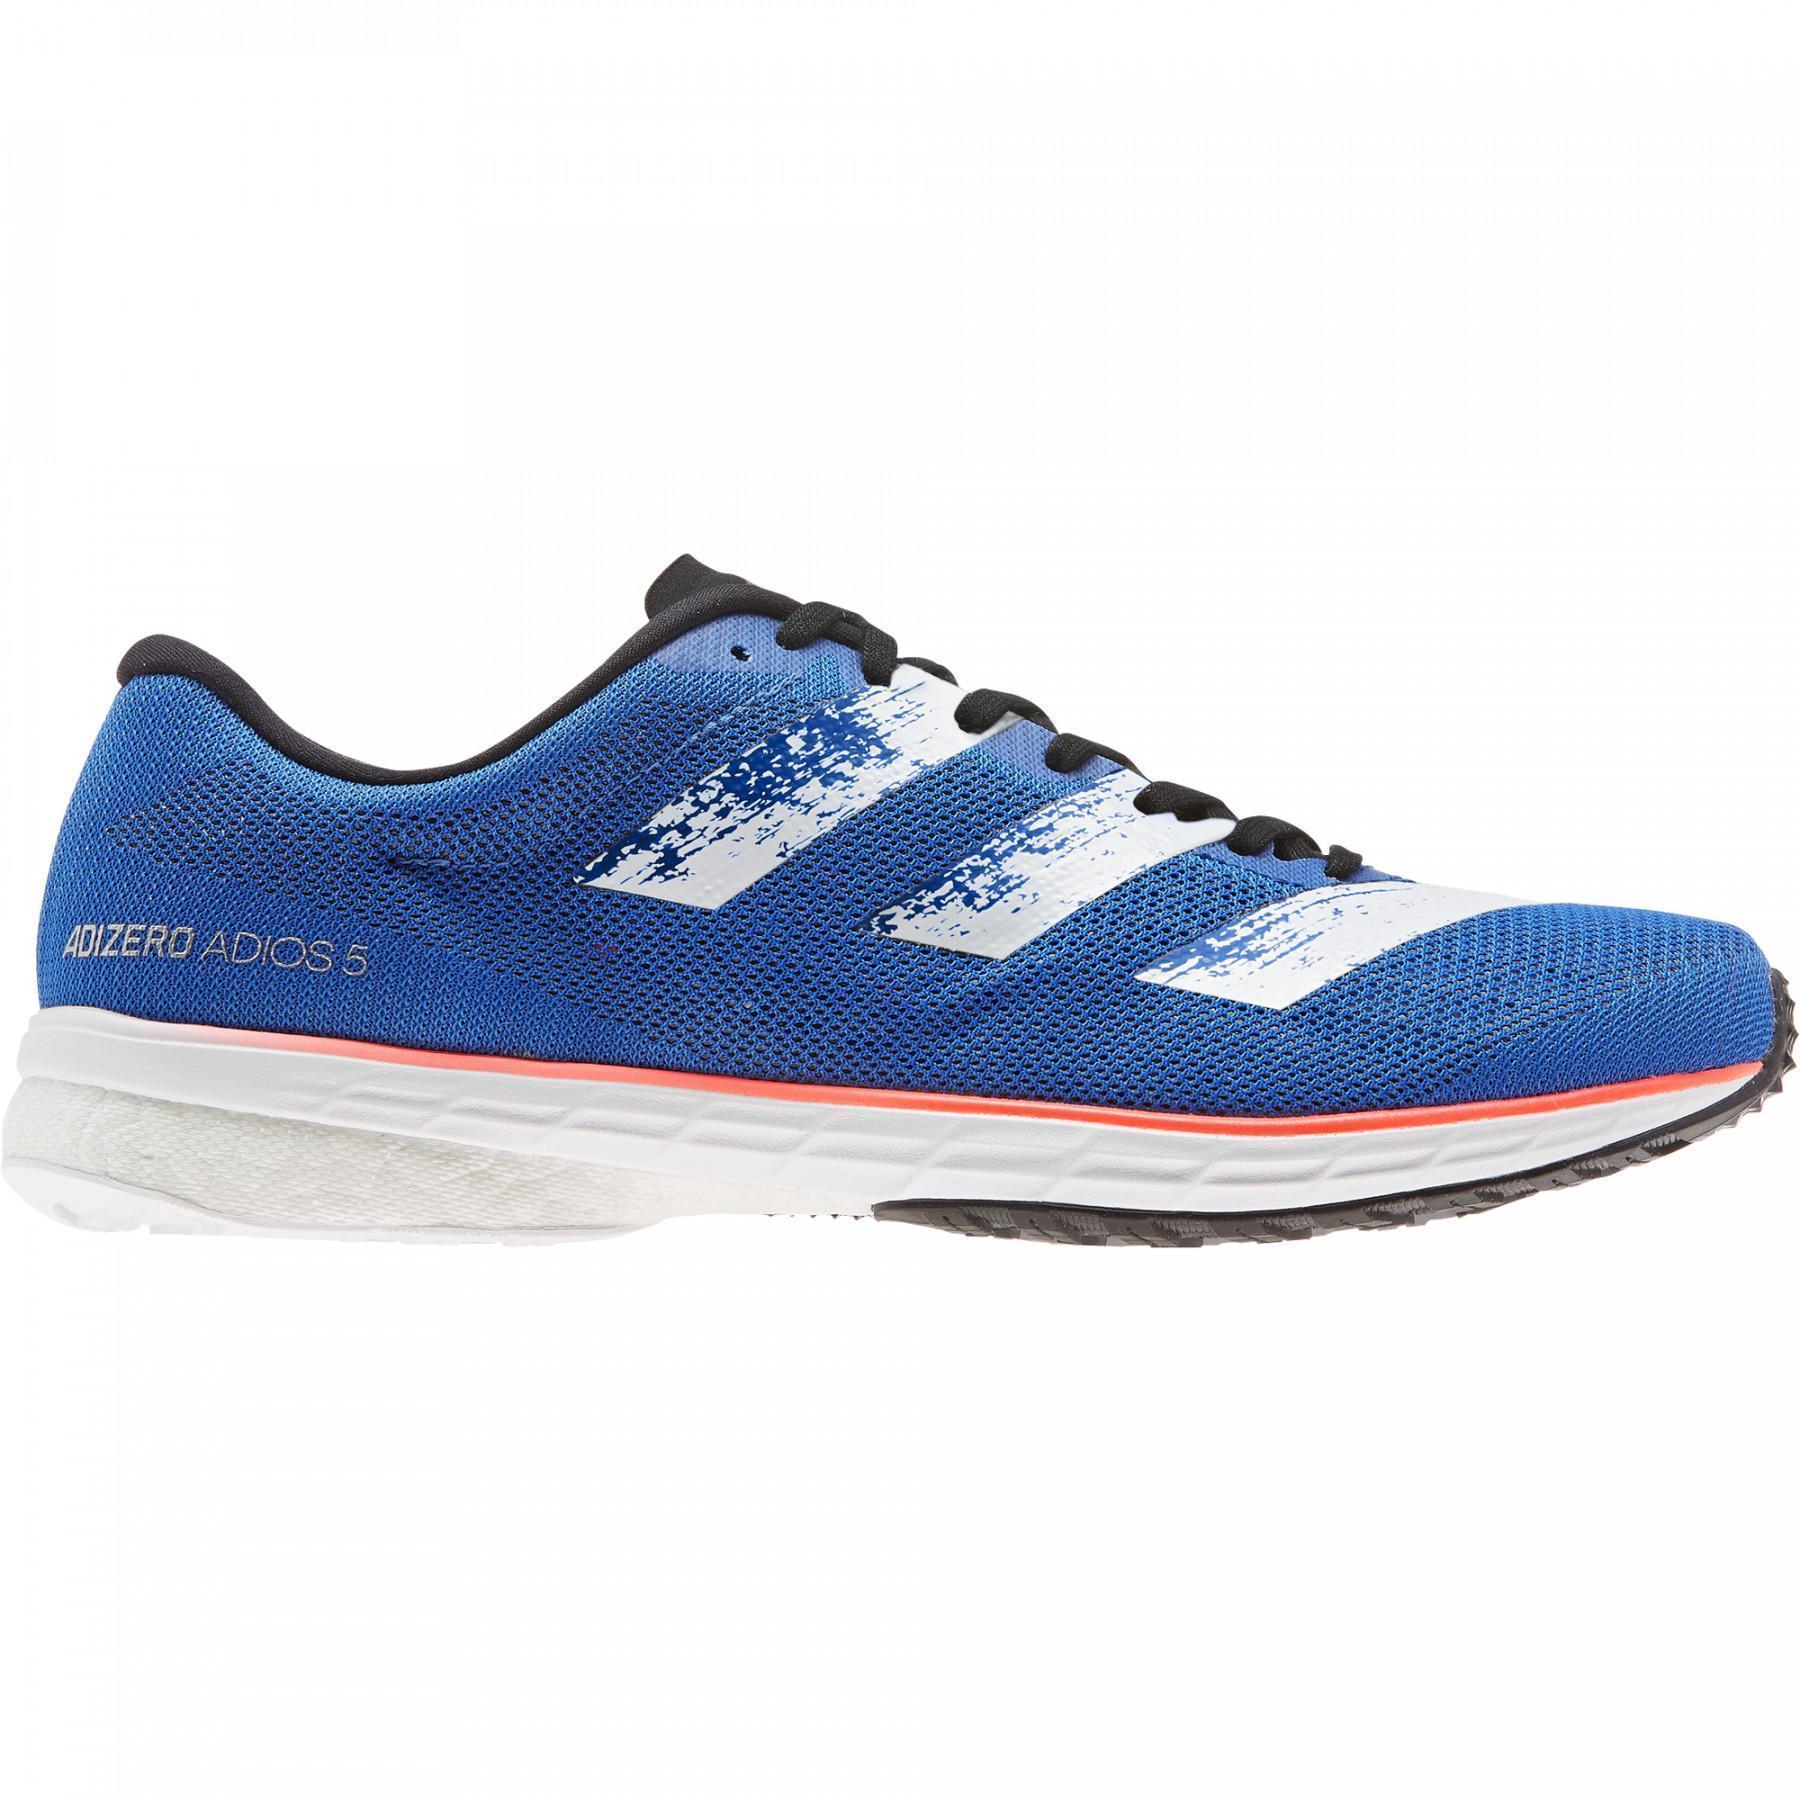 Chaussures adidas Adizero Adios 5